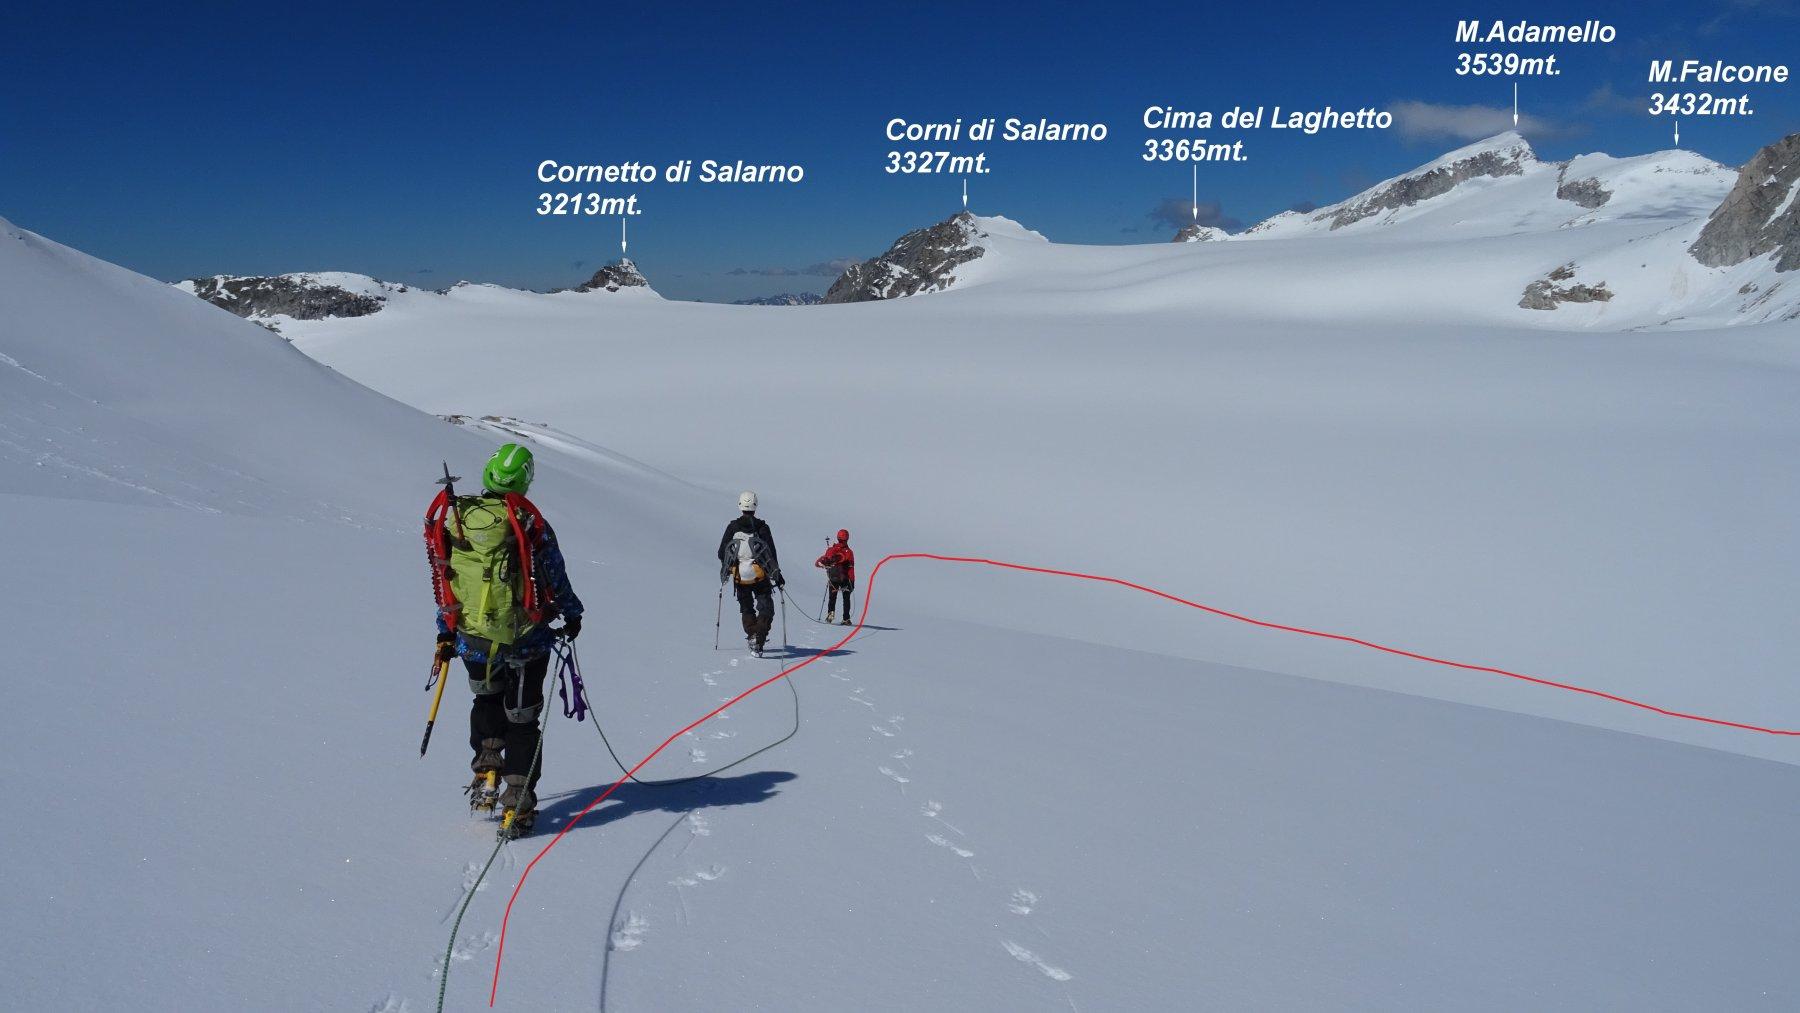 In rosso la traccia di discesa sul Pian di Neve.